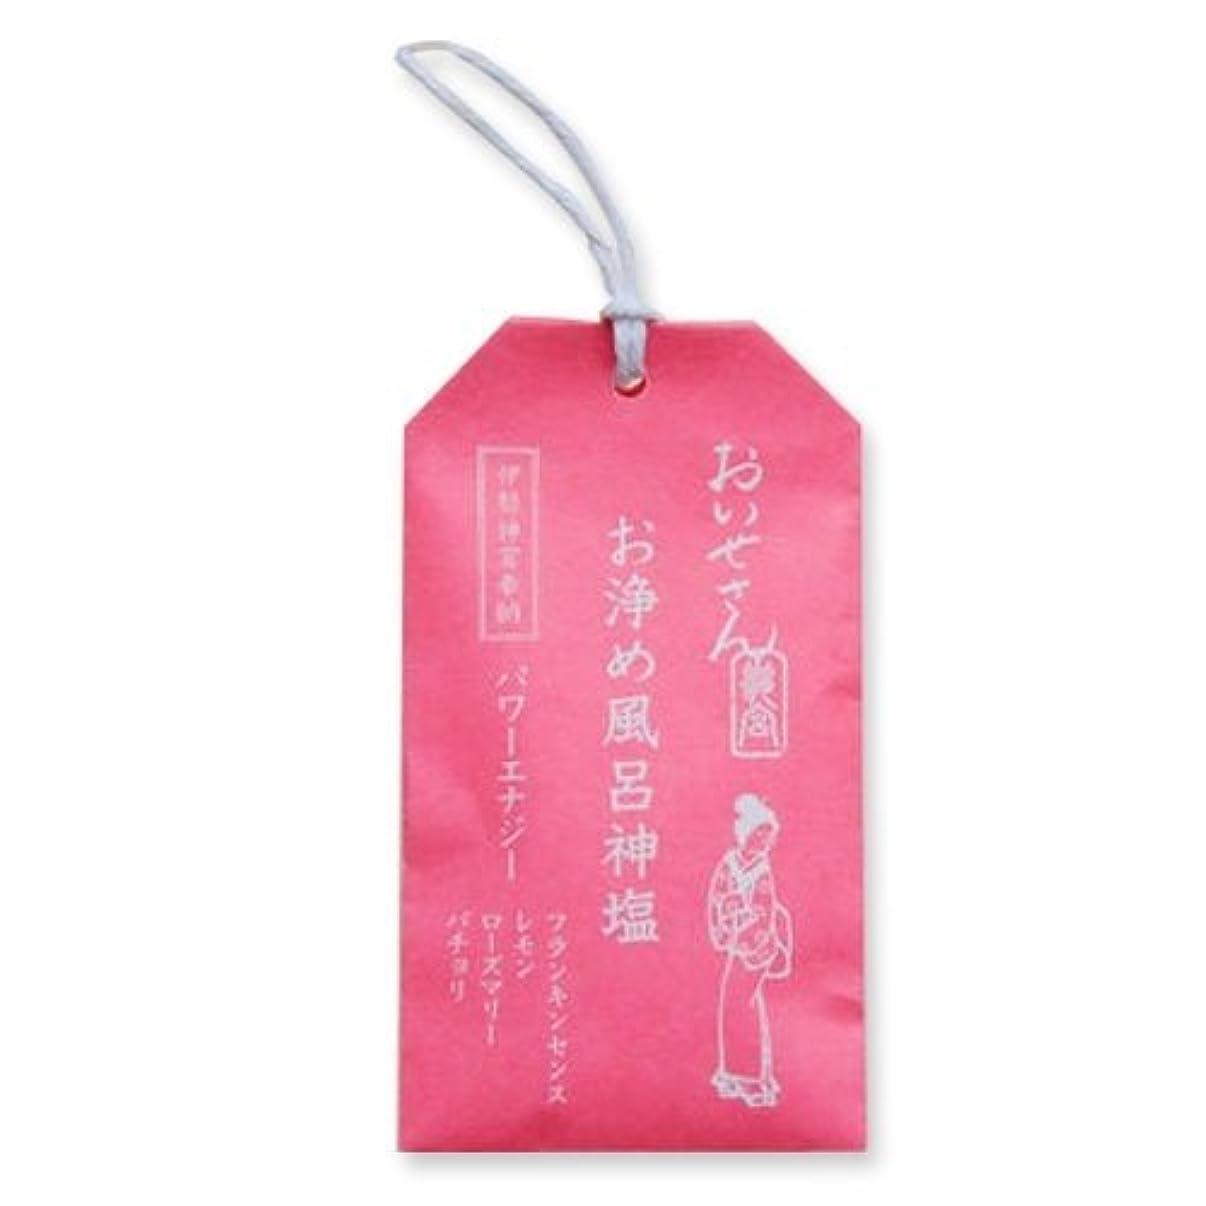 最初に文房具可能おいせさん お浄め風呂神塩 バス用ソルト(パワーエナジー) 20g